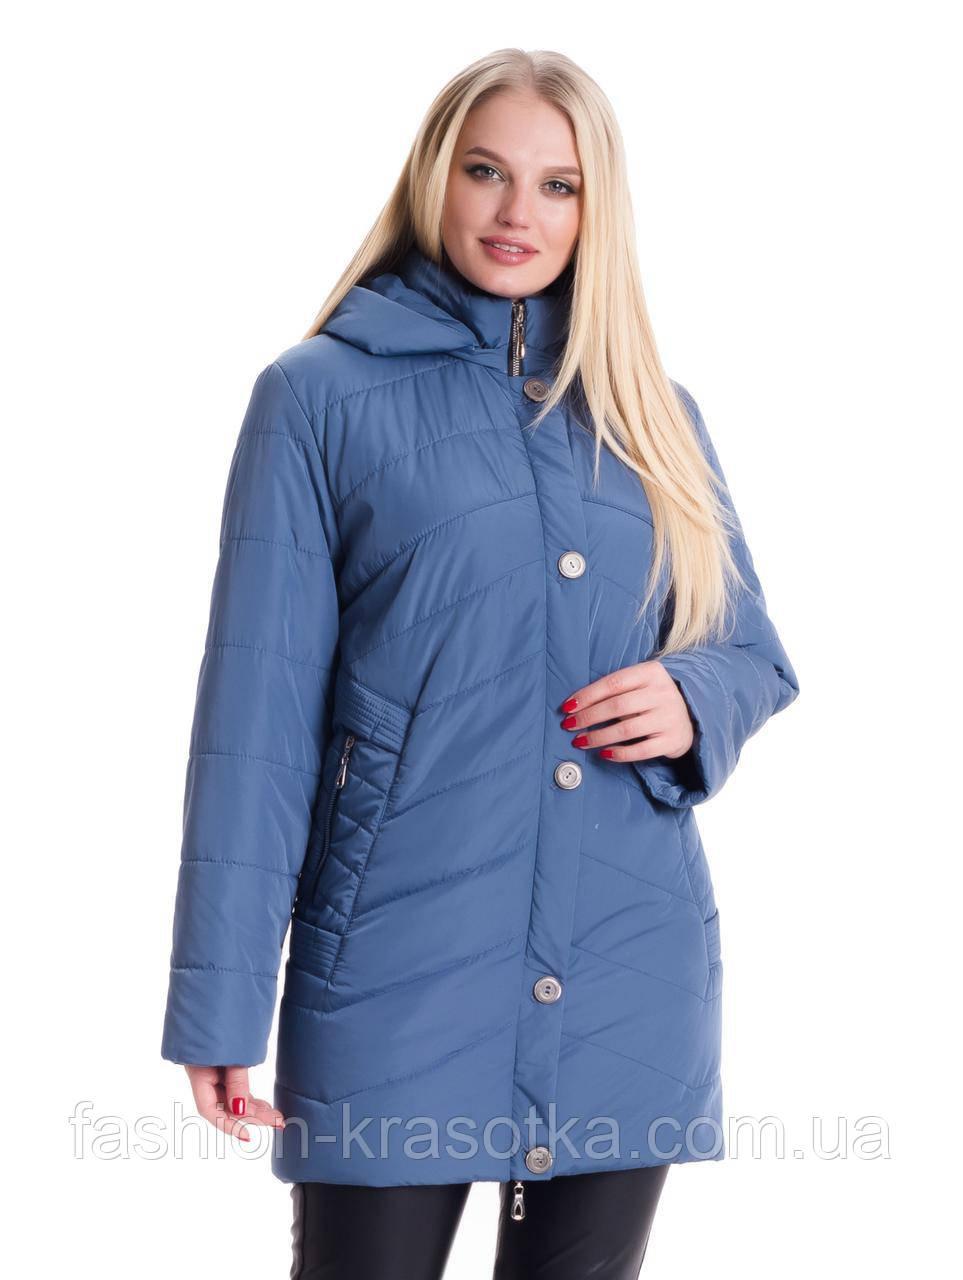 Модная женская демисезонная куртка,размеры:54-64.